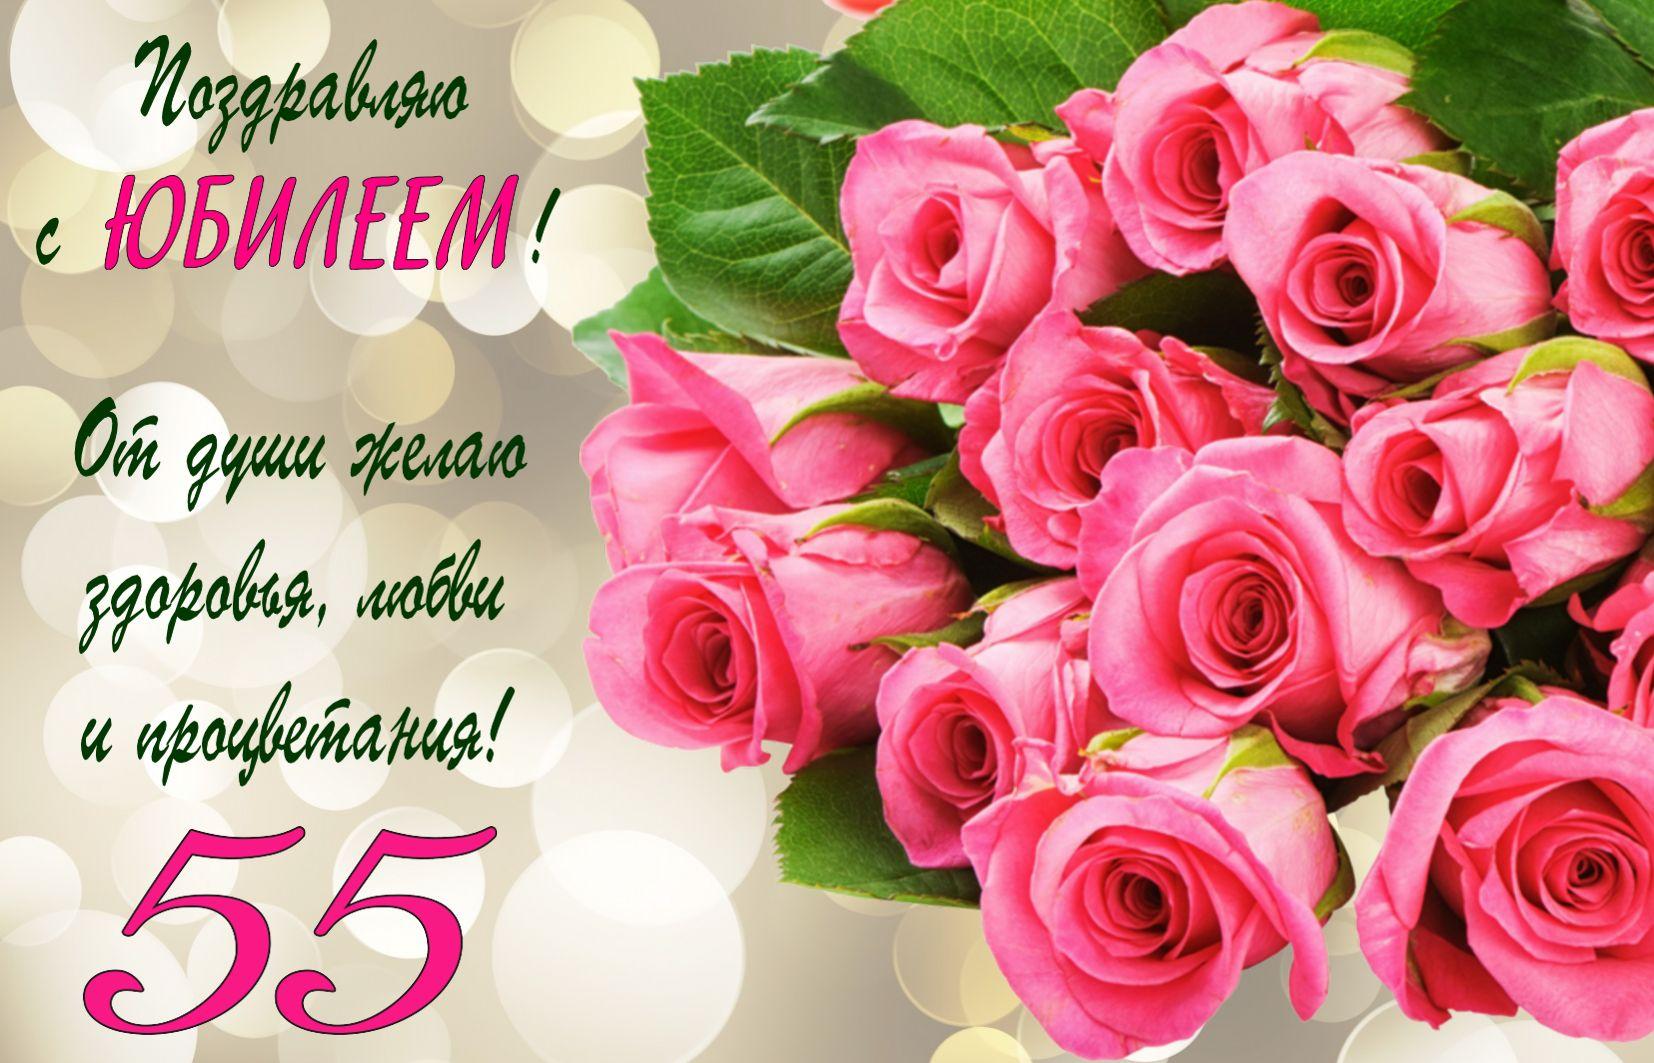 Открытка - розовые розы на 55 День рождения